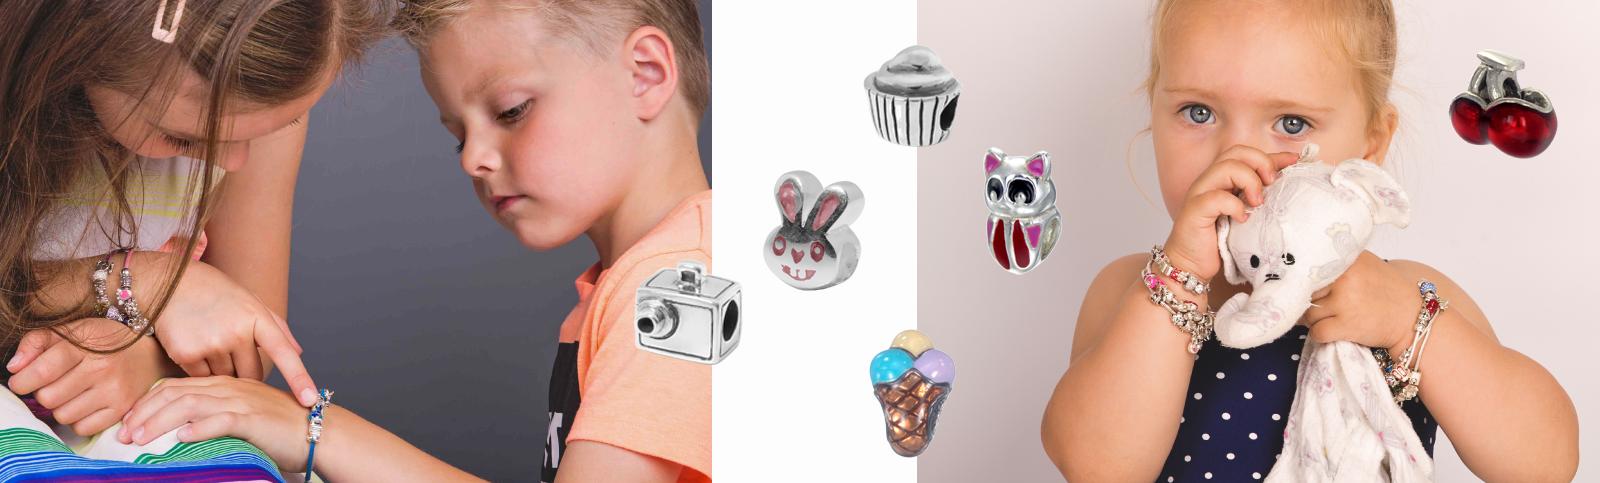 Piccolo armband, bedels, ketting voor kinderen Wolters Juweliers Coevorden Emmen